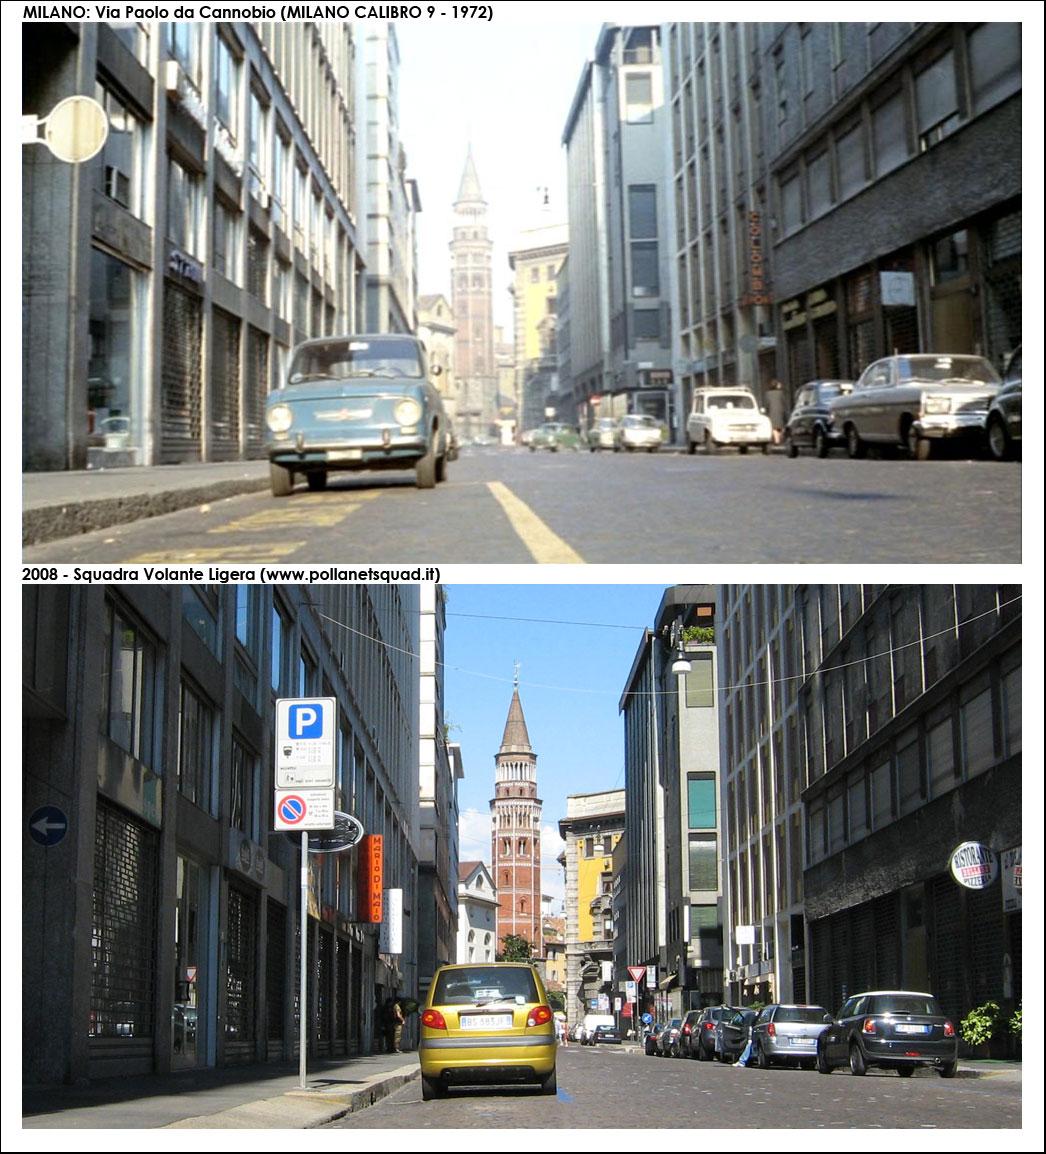 """Forogramma dal film """"Milano calibro 9"""", Via Paolo da Cannobio, verso Via Pecorari, nel 1972. (fonte immagine: web pollanetsquad)"""